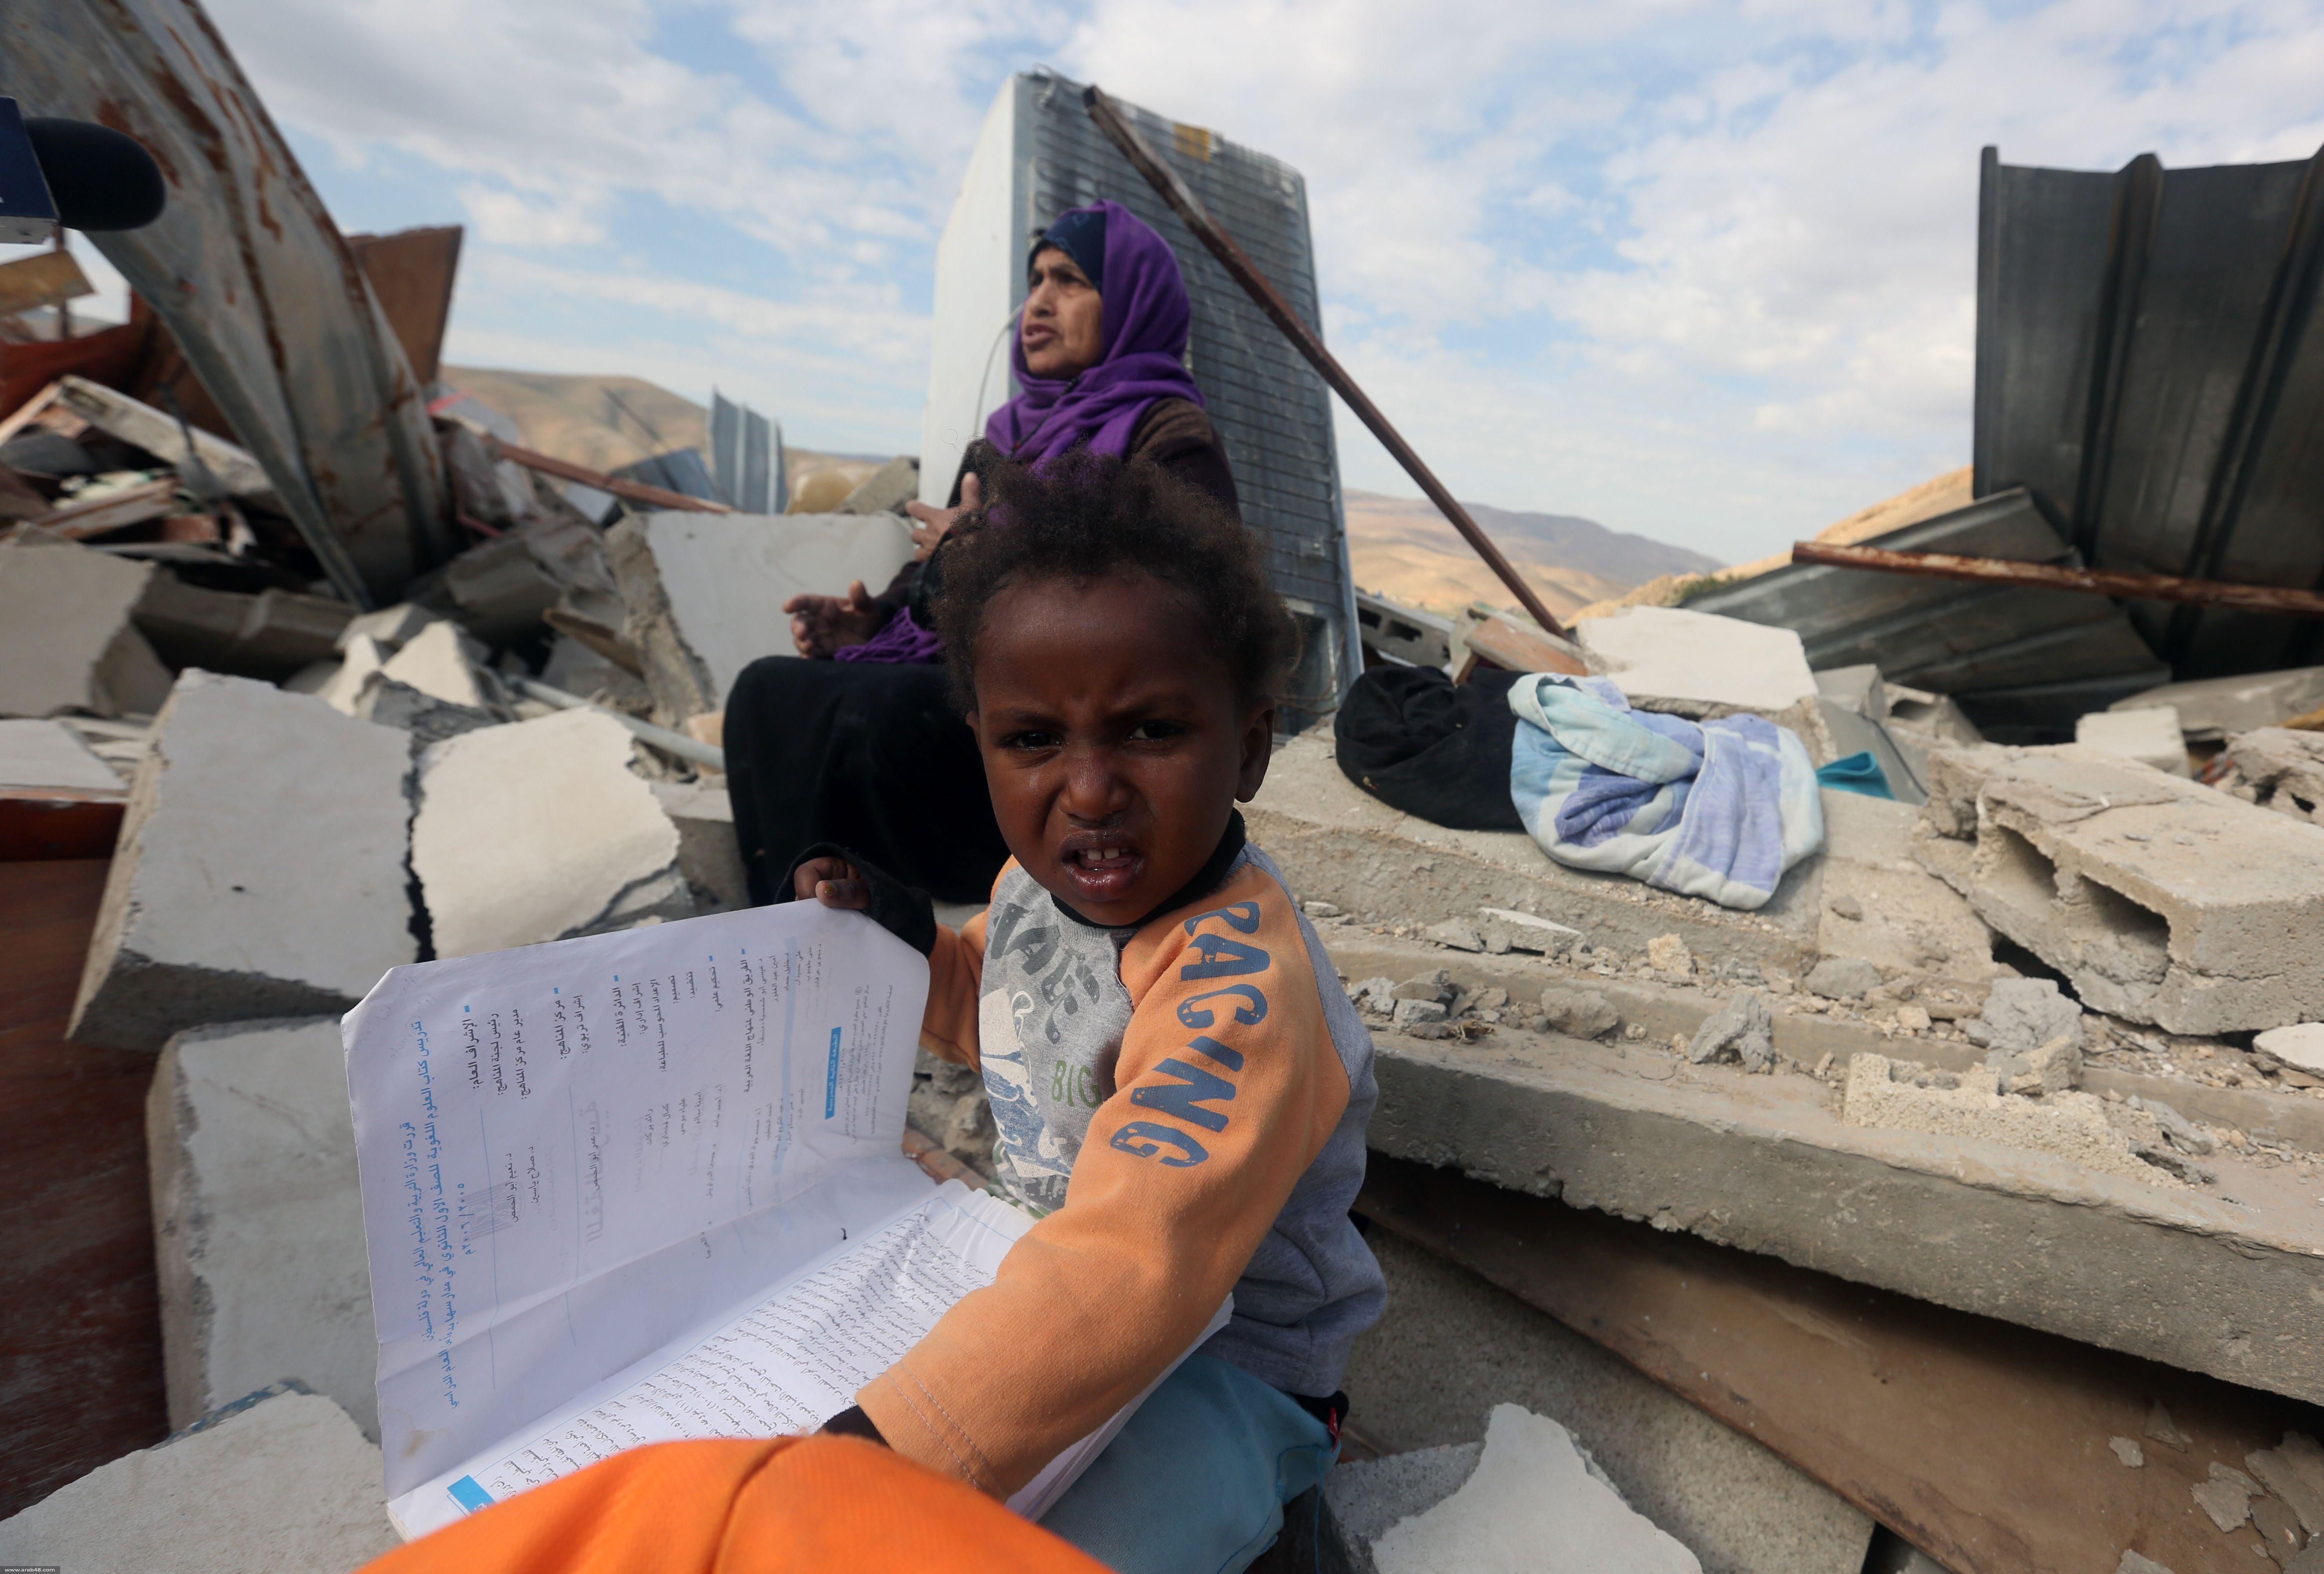 الاحتلال يهدم بيوتًا سكنيّة في الأغوار والخليل